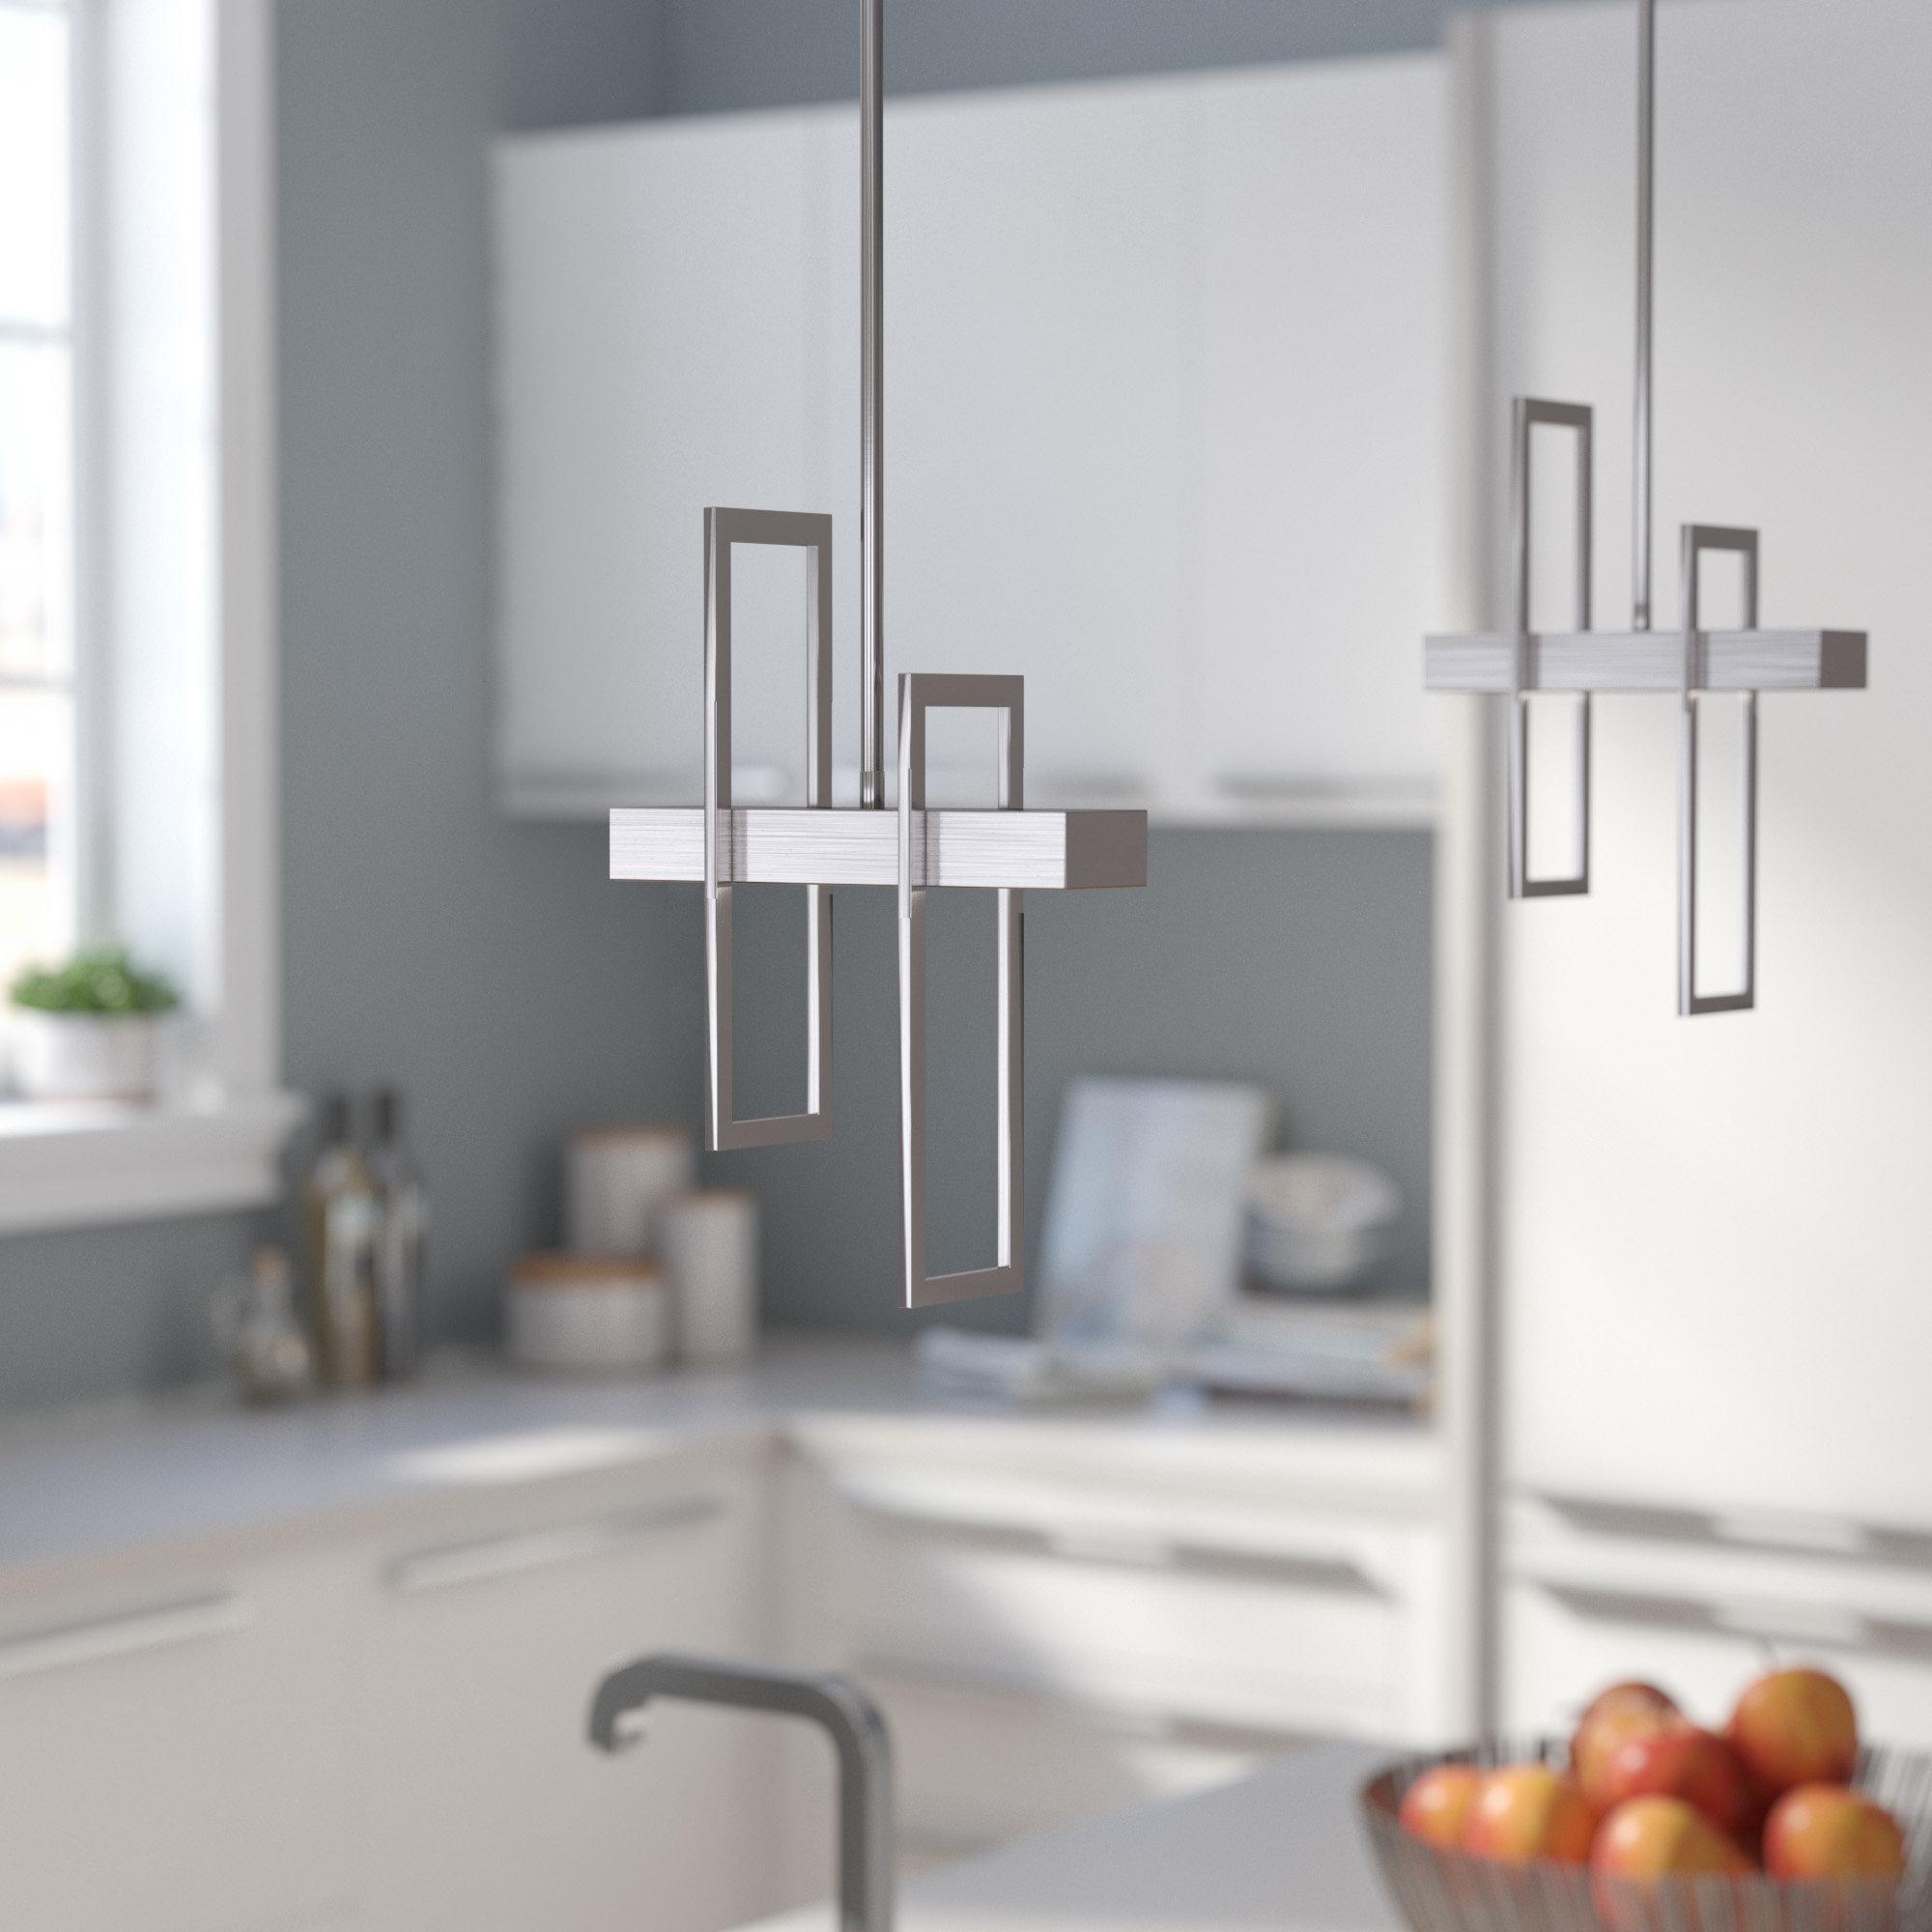 Callington 1 Light Led Single Geometric Pendants Pertaining To 2019 Wade Logan Callington 1 Light Led Single Geometric Pendant (Gallery 1 of 20)